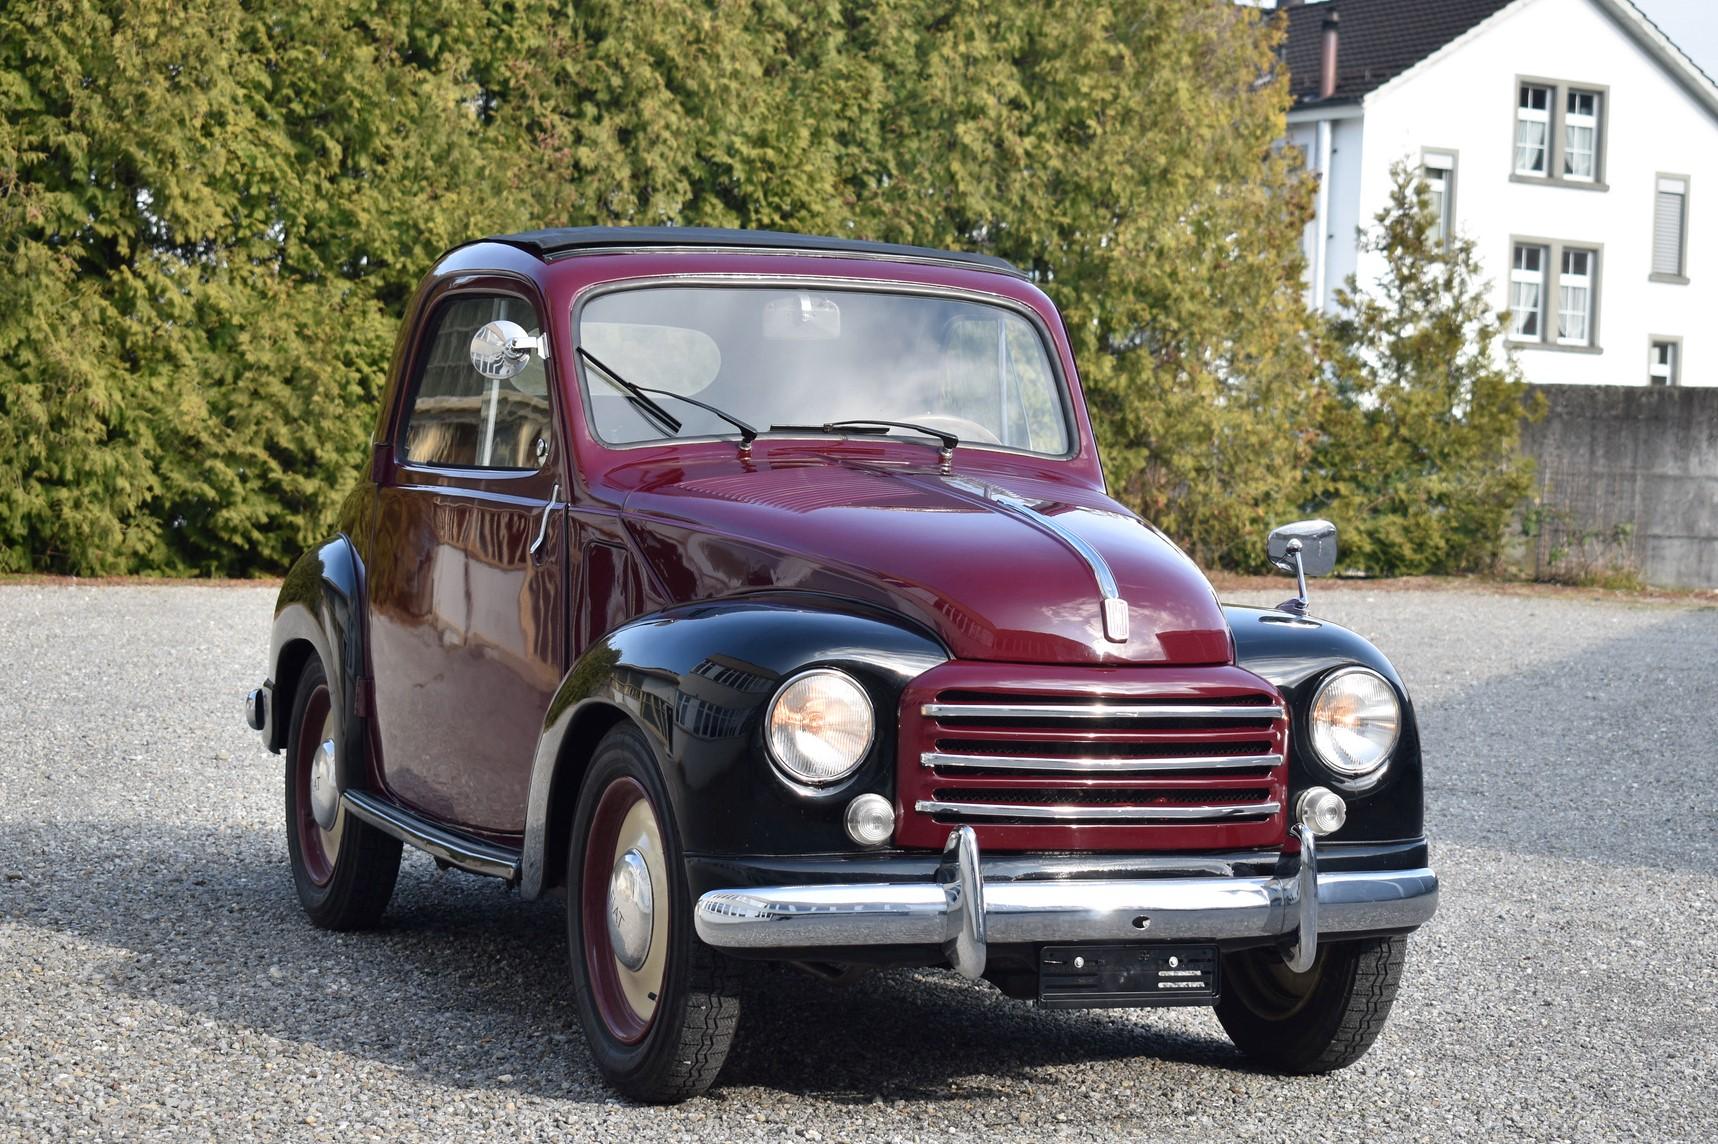 Rot-schwarzer 1949 Fiat 500 C Tipolino Veteranenfahrzeug und Oldtimer in Seitenansicht vor altem Fabrikgebäude